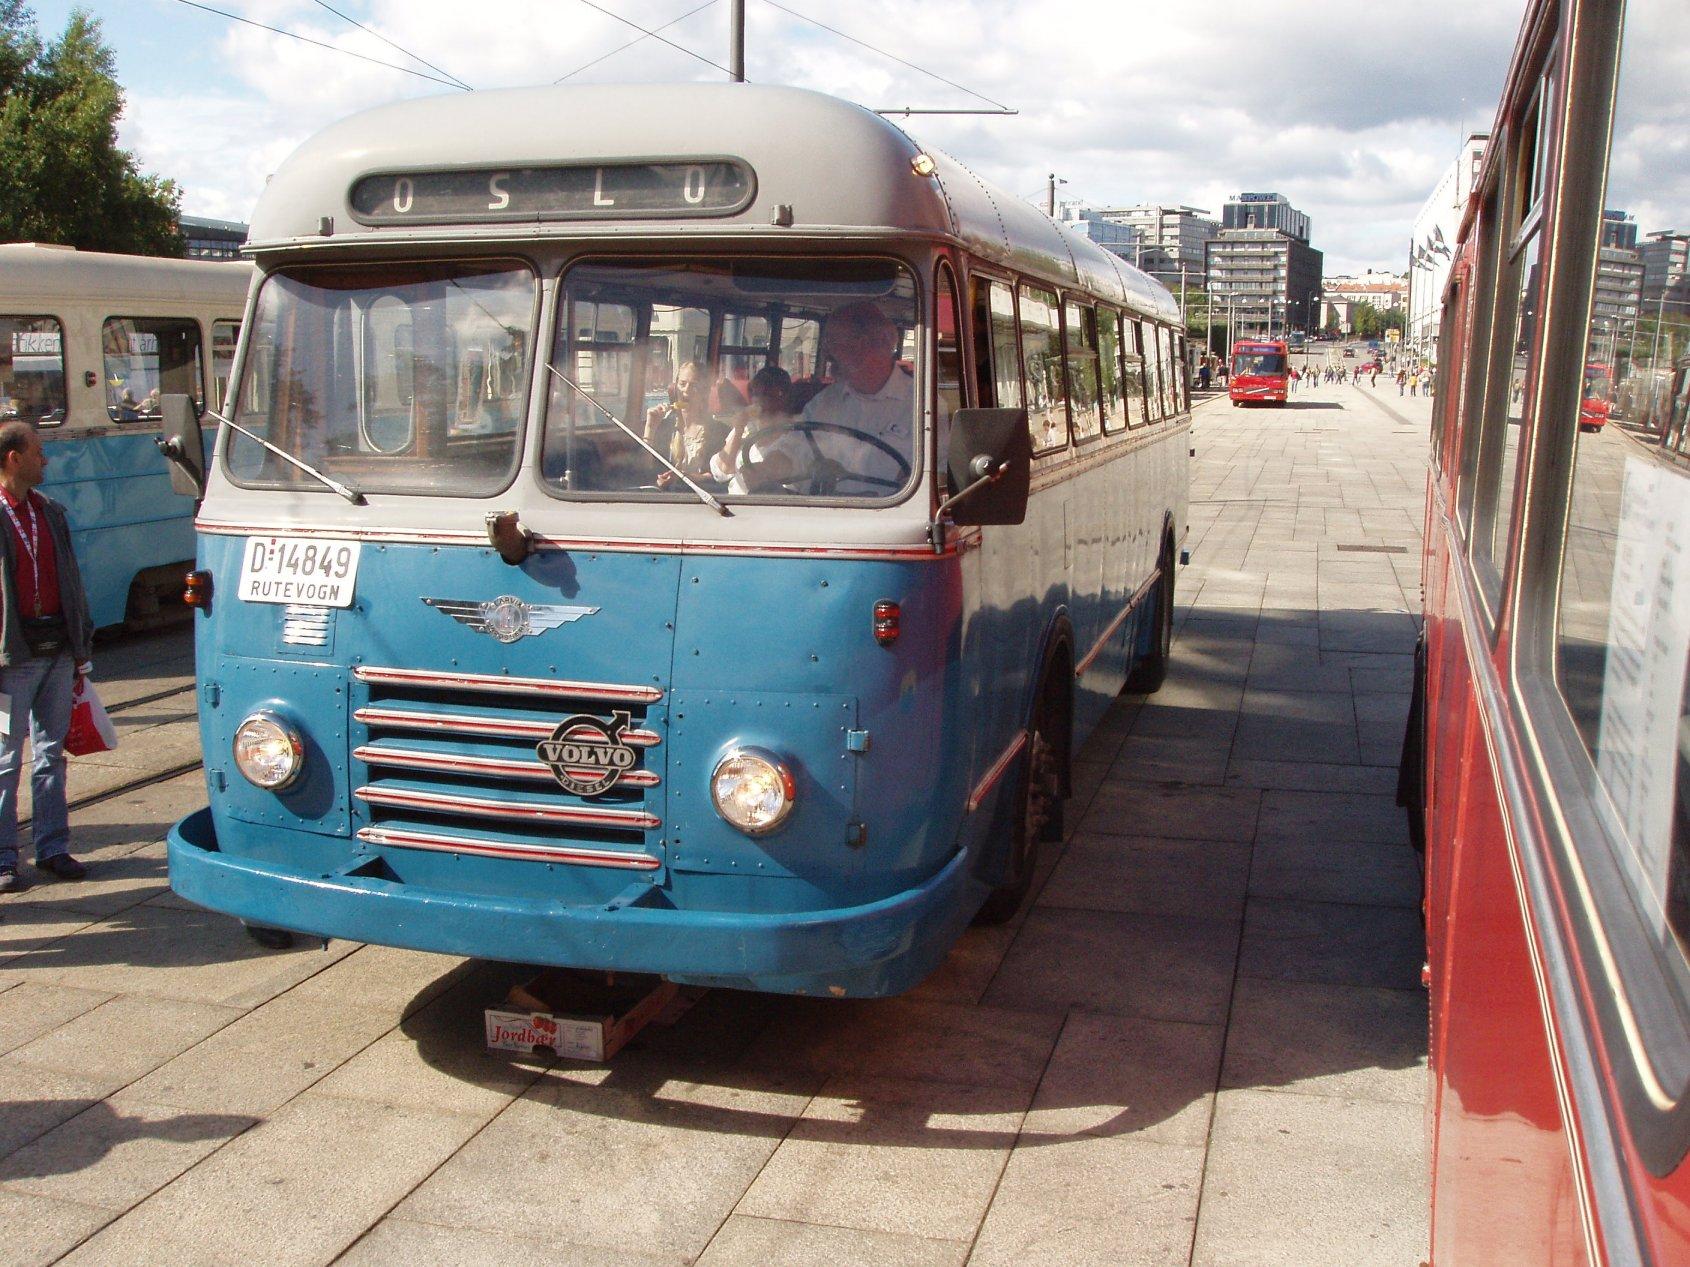 Bussen er 50 år gammel, men i meget god stand. Kanskje ikke den mest lettkjørte - den er uten servo og har vakuumbremser - samt Volvos litt spesielle H-gir der 4. og 5. gir er byttet plass i forhold til hva man skulle vente.